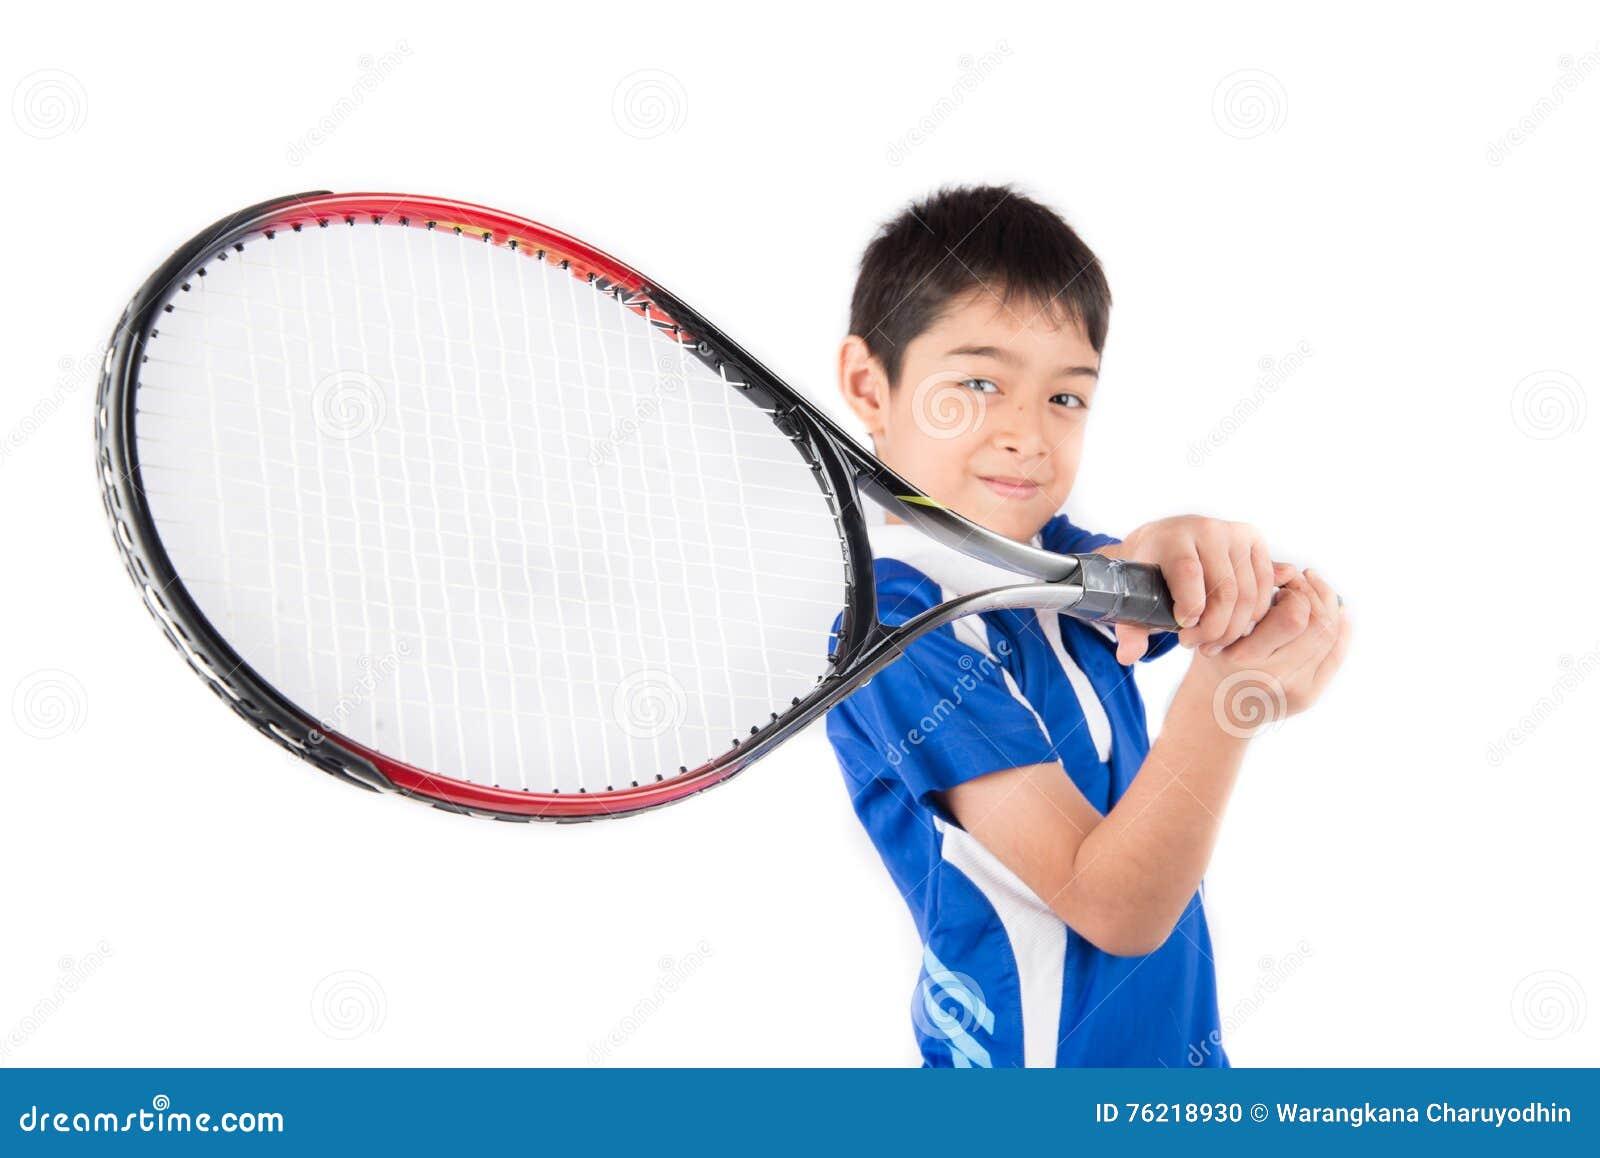 在手中打网球拍和网球的小男孩